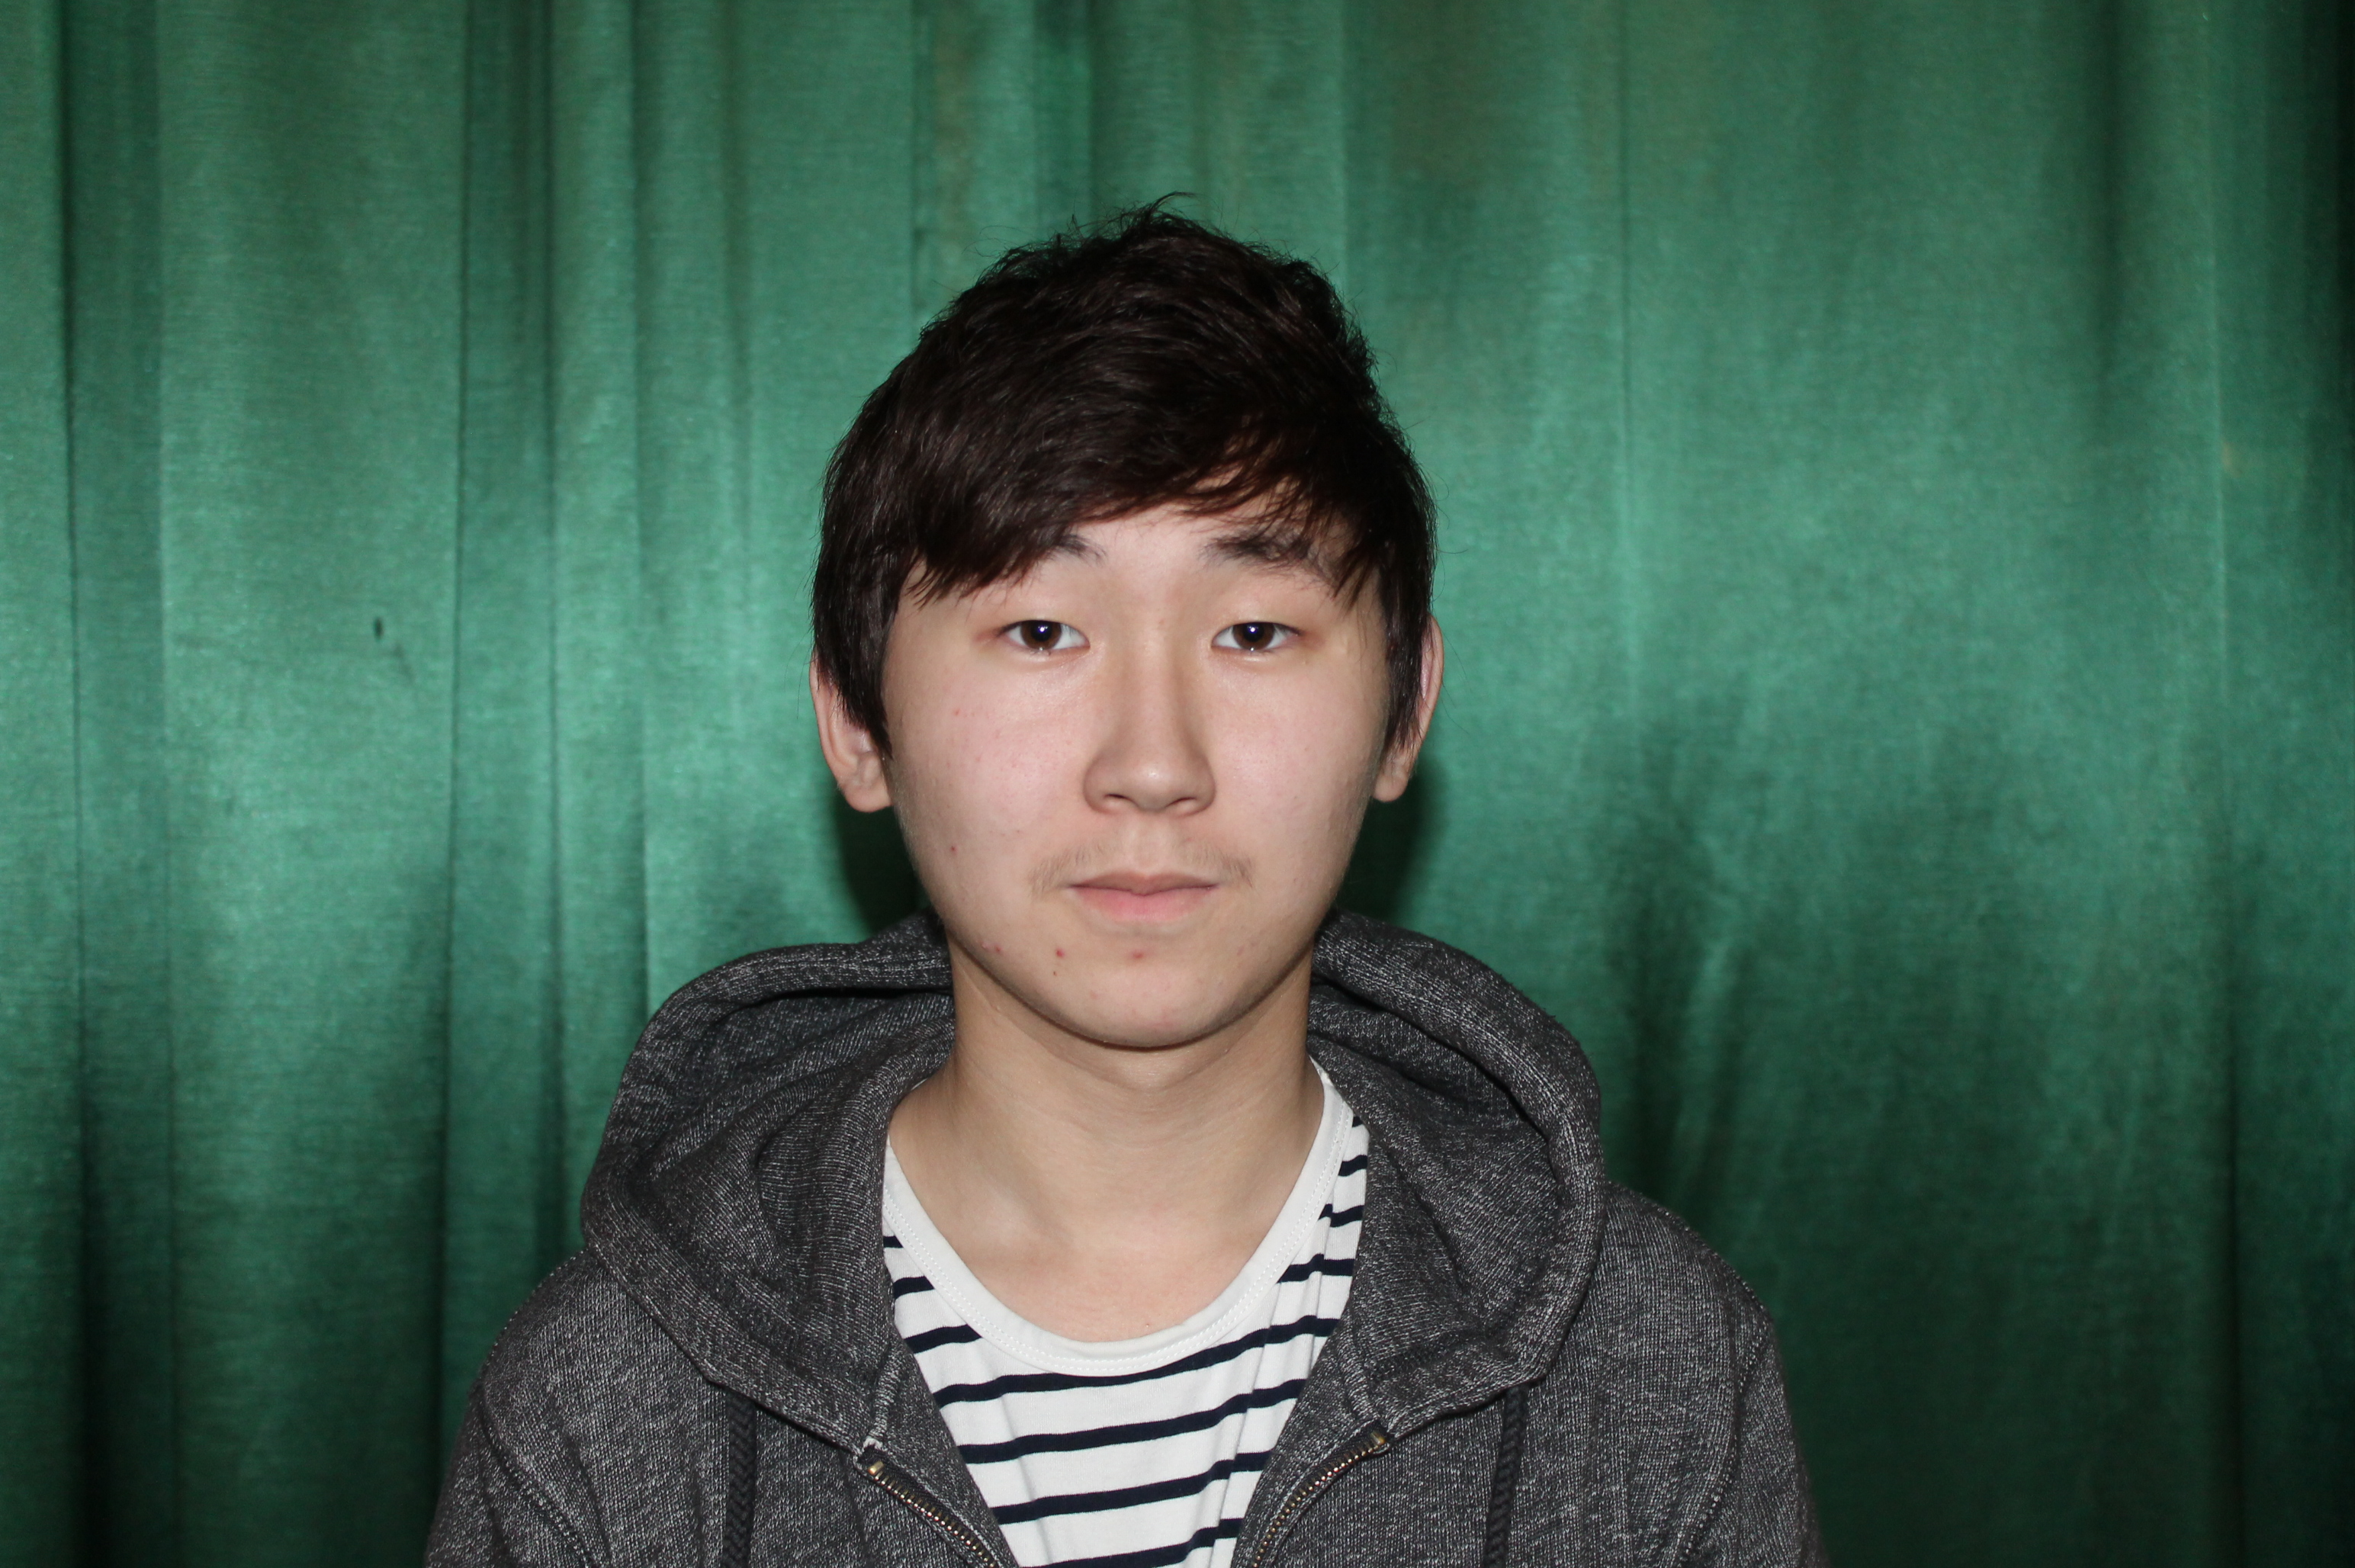 Сидоров Сергей, студент группы Ю-32